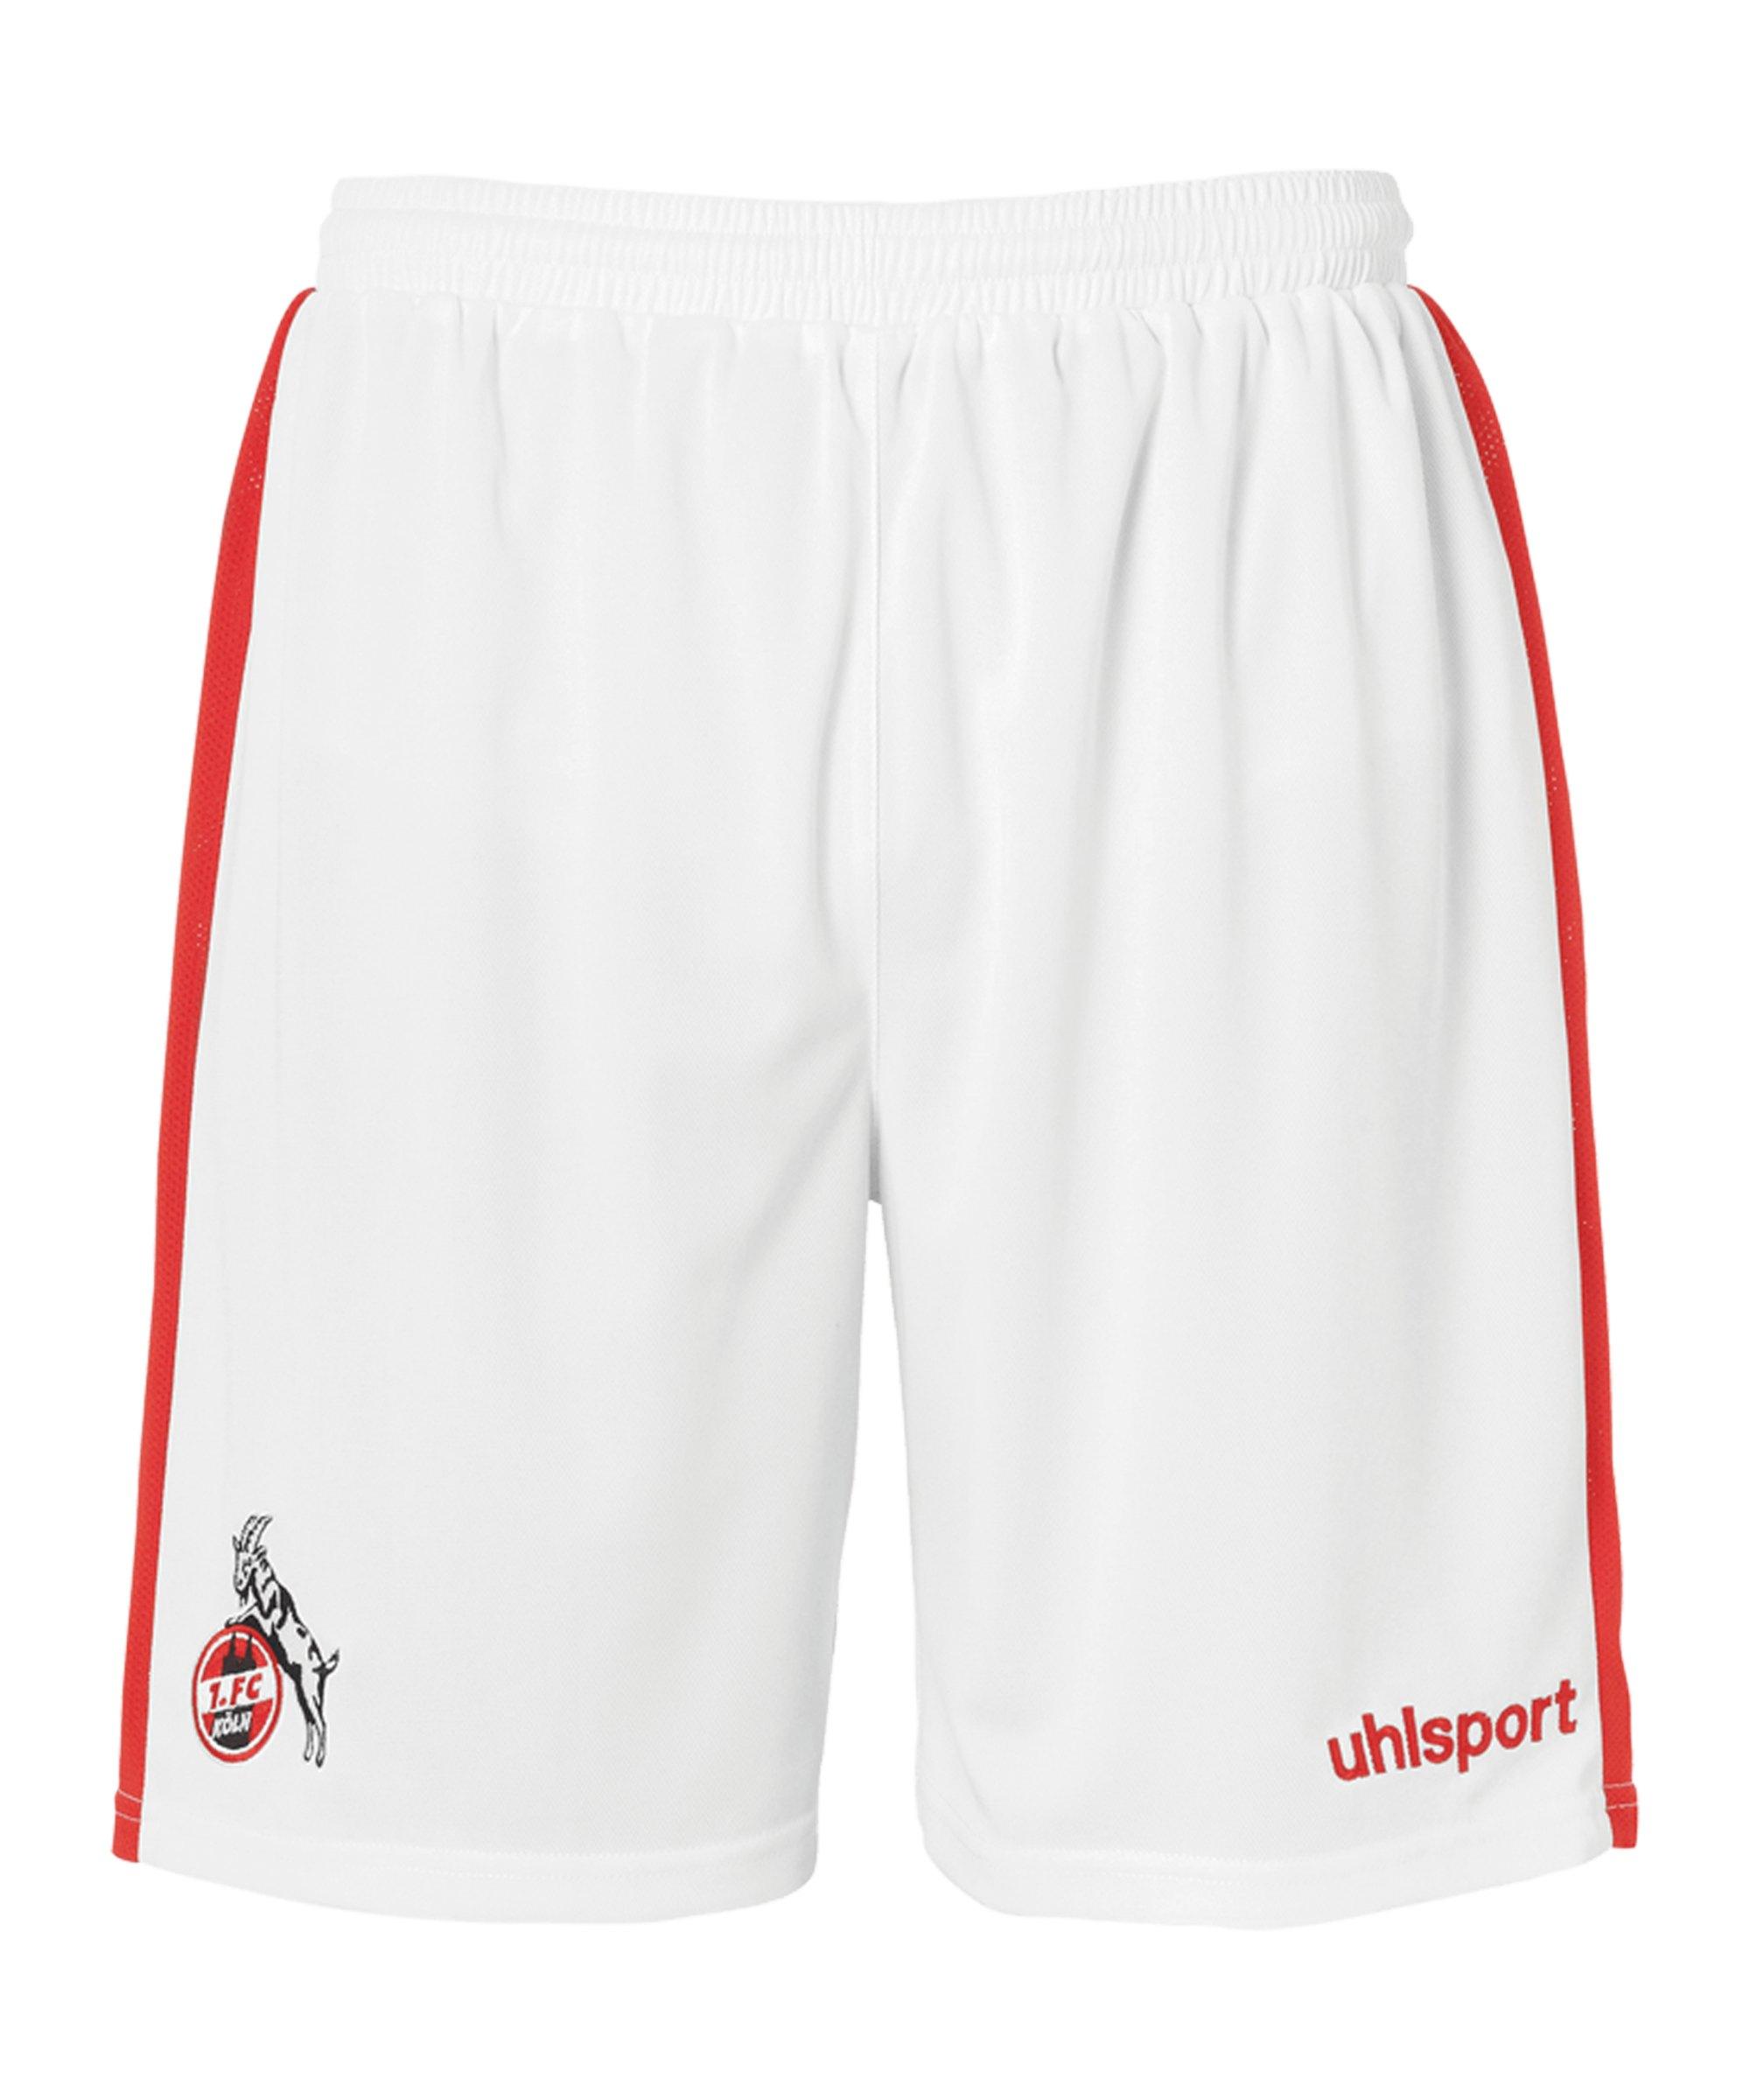 Uhlsport 1. FC Köln Short Home 20/21 Kids - weiss